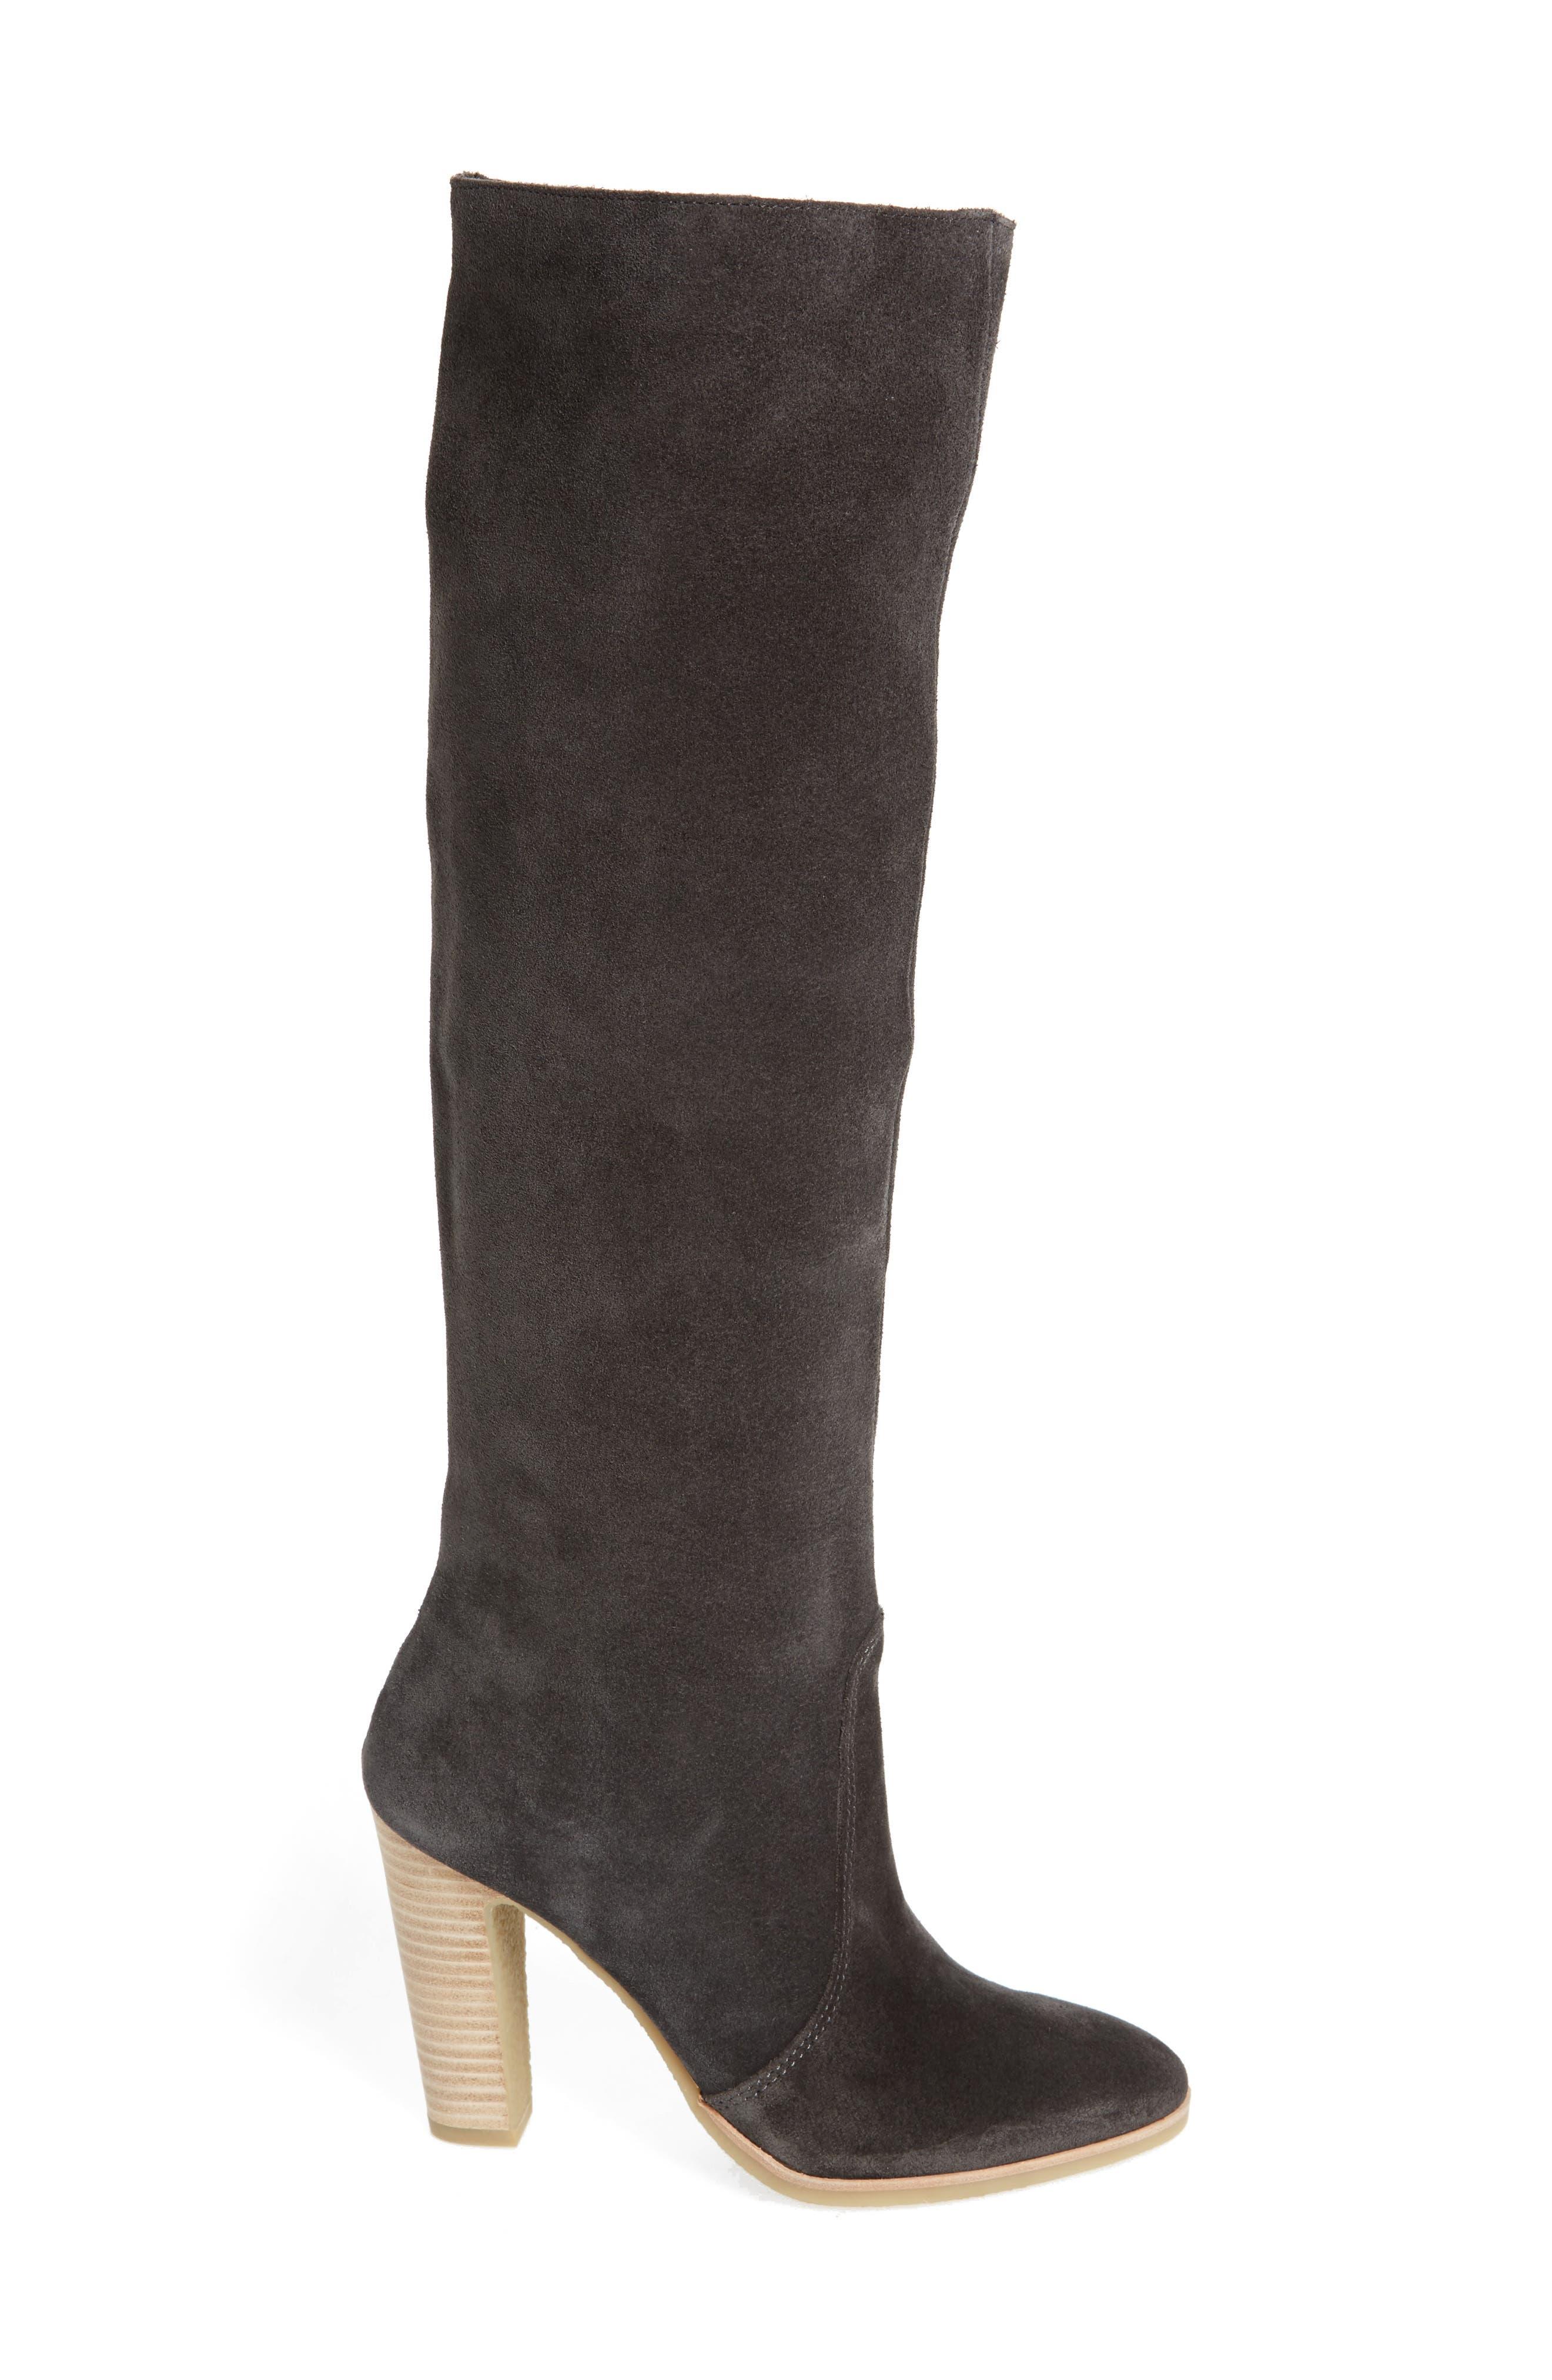 Celine Knee-High Boot,                             Alternate thumbnail 3, color,                             020